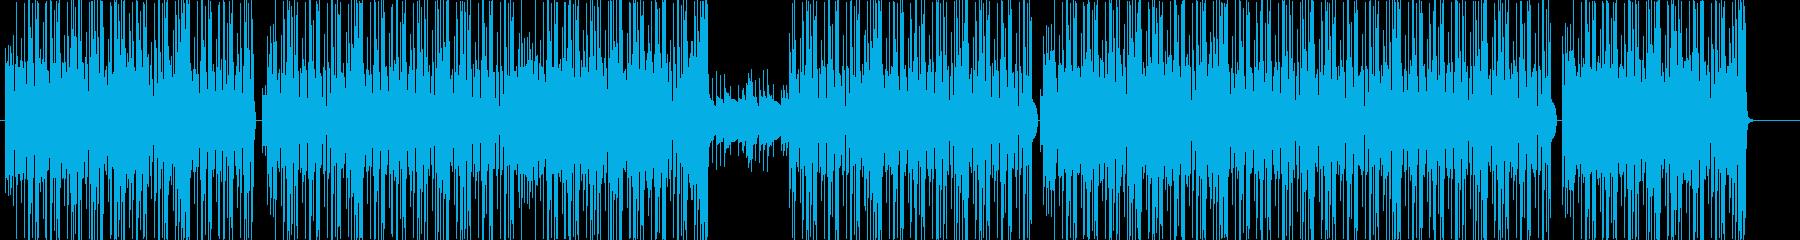 洋楽、クラブ系、ハードヒップホップ♪の再生済みの波形